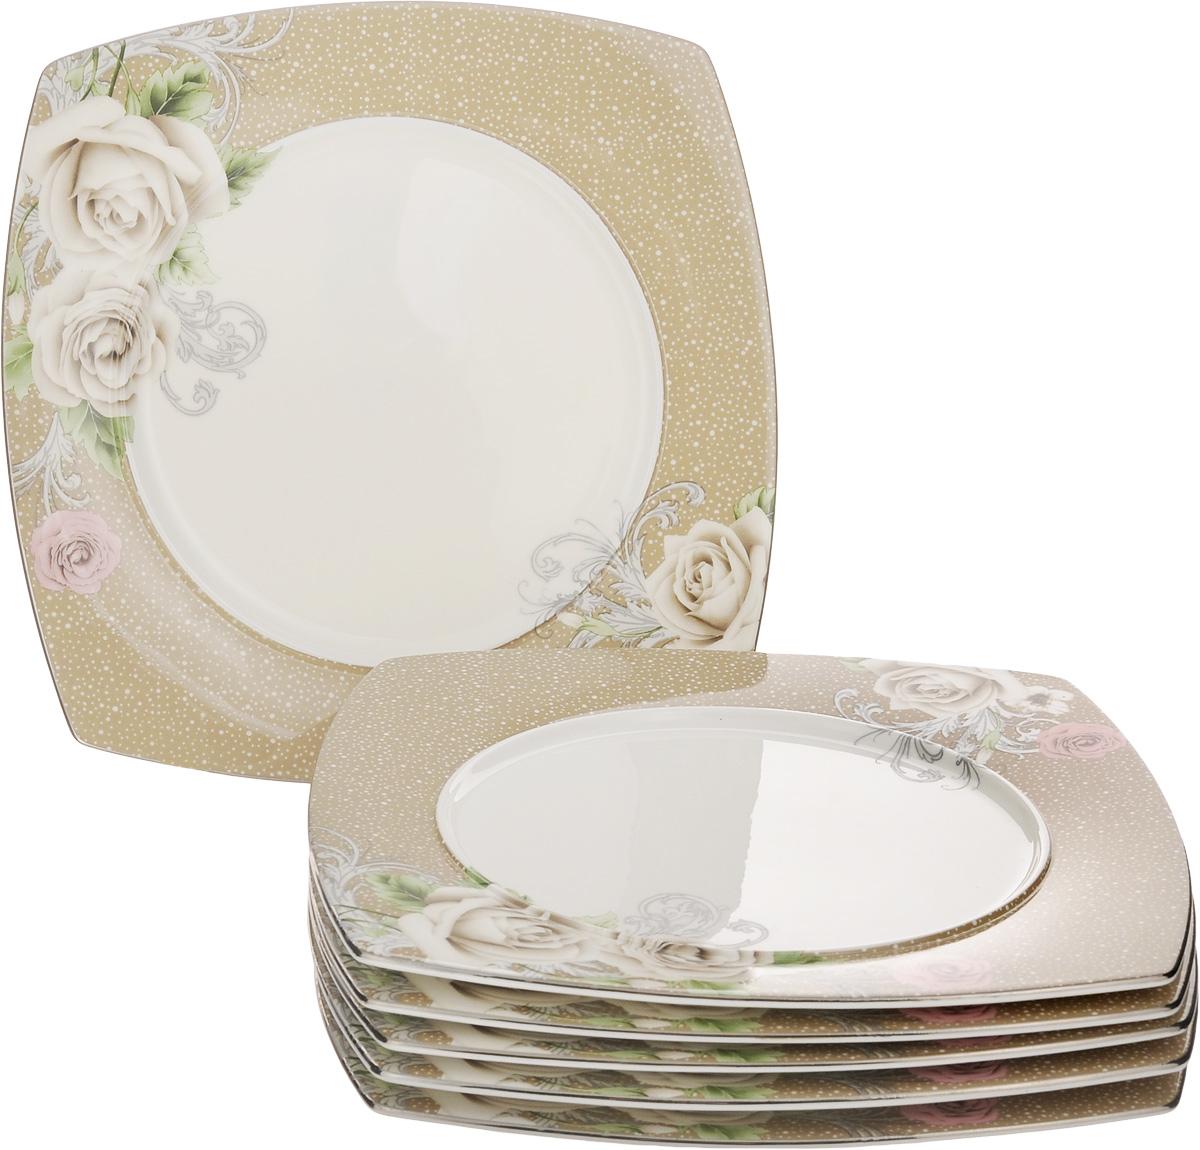 Набор тарелок Family & Friends Florance, 20 х 20 см, 6 штPR7990нНабор Family & Friends Florance, выполненный из фарфора, состоит из 6 плоских квадратных тарелок и предназначен для красивой сервировки различных блюд. Изделия украшены цветочным рисунком. Набор сочетает в себе стильный дизайн с максимальной функциональностью. Оригинальность оформления придется по вкусу и ценителям классики, и тем, кто предпочитает утонченность и изящность. Внутренний диаметр тарелки: 14 см. Размер тарелки: 20 х 20 х 1 см.